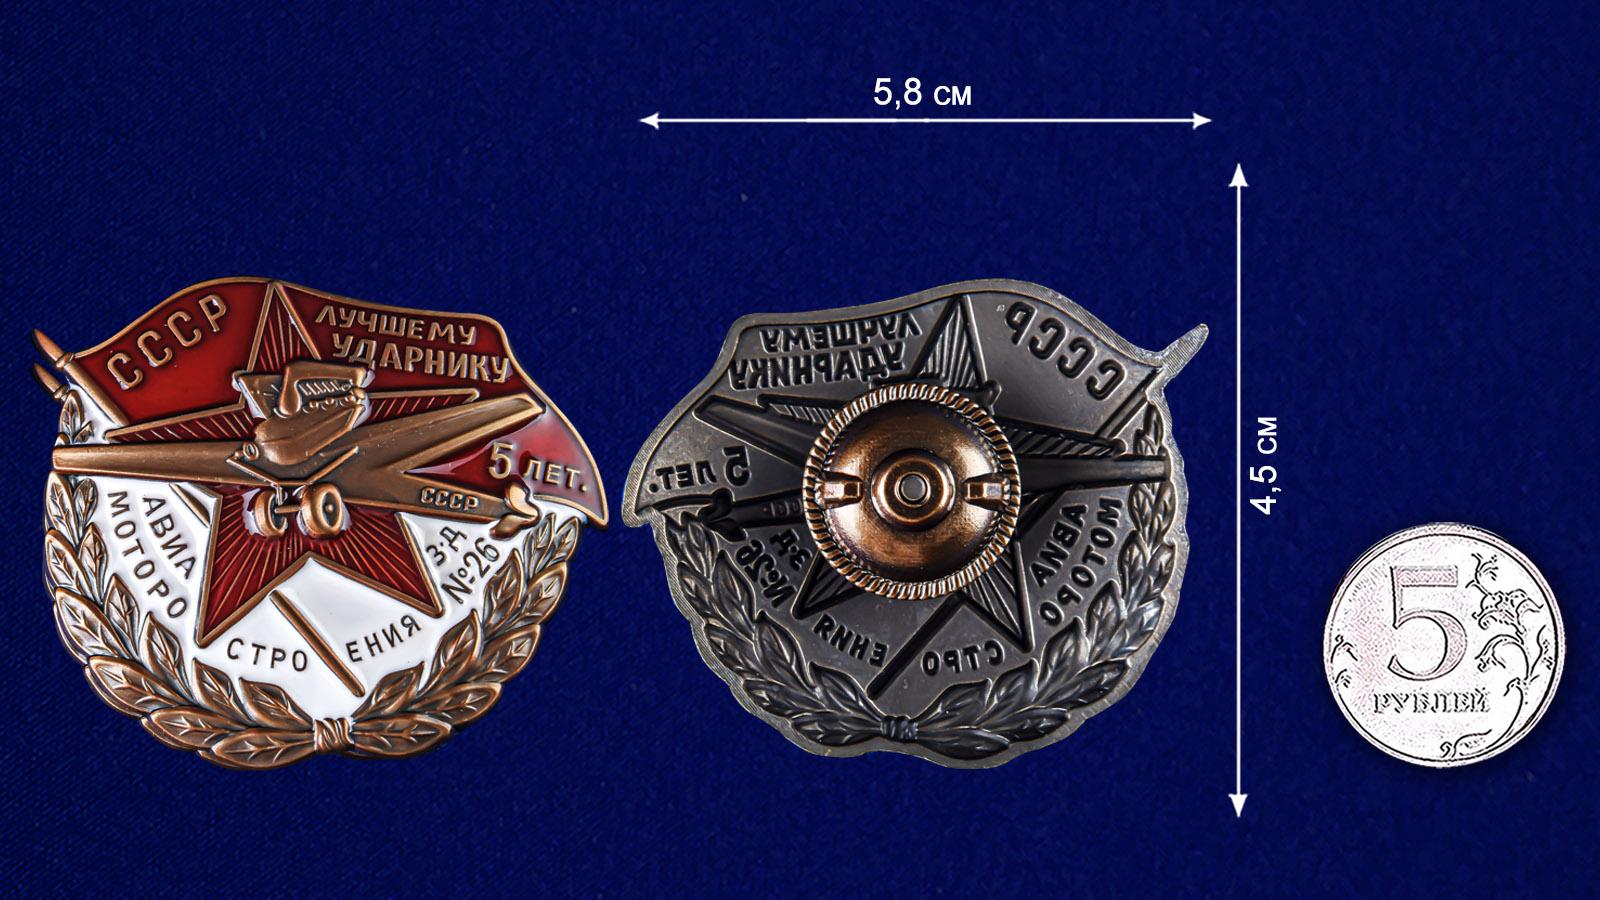 Латунный знак Лучшему ударнику авиамотостроения. Завод №26 - сравнительный вид